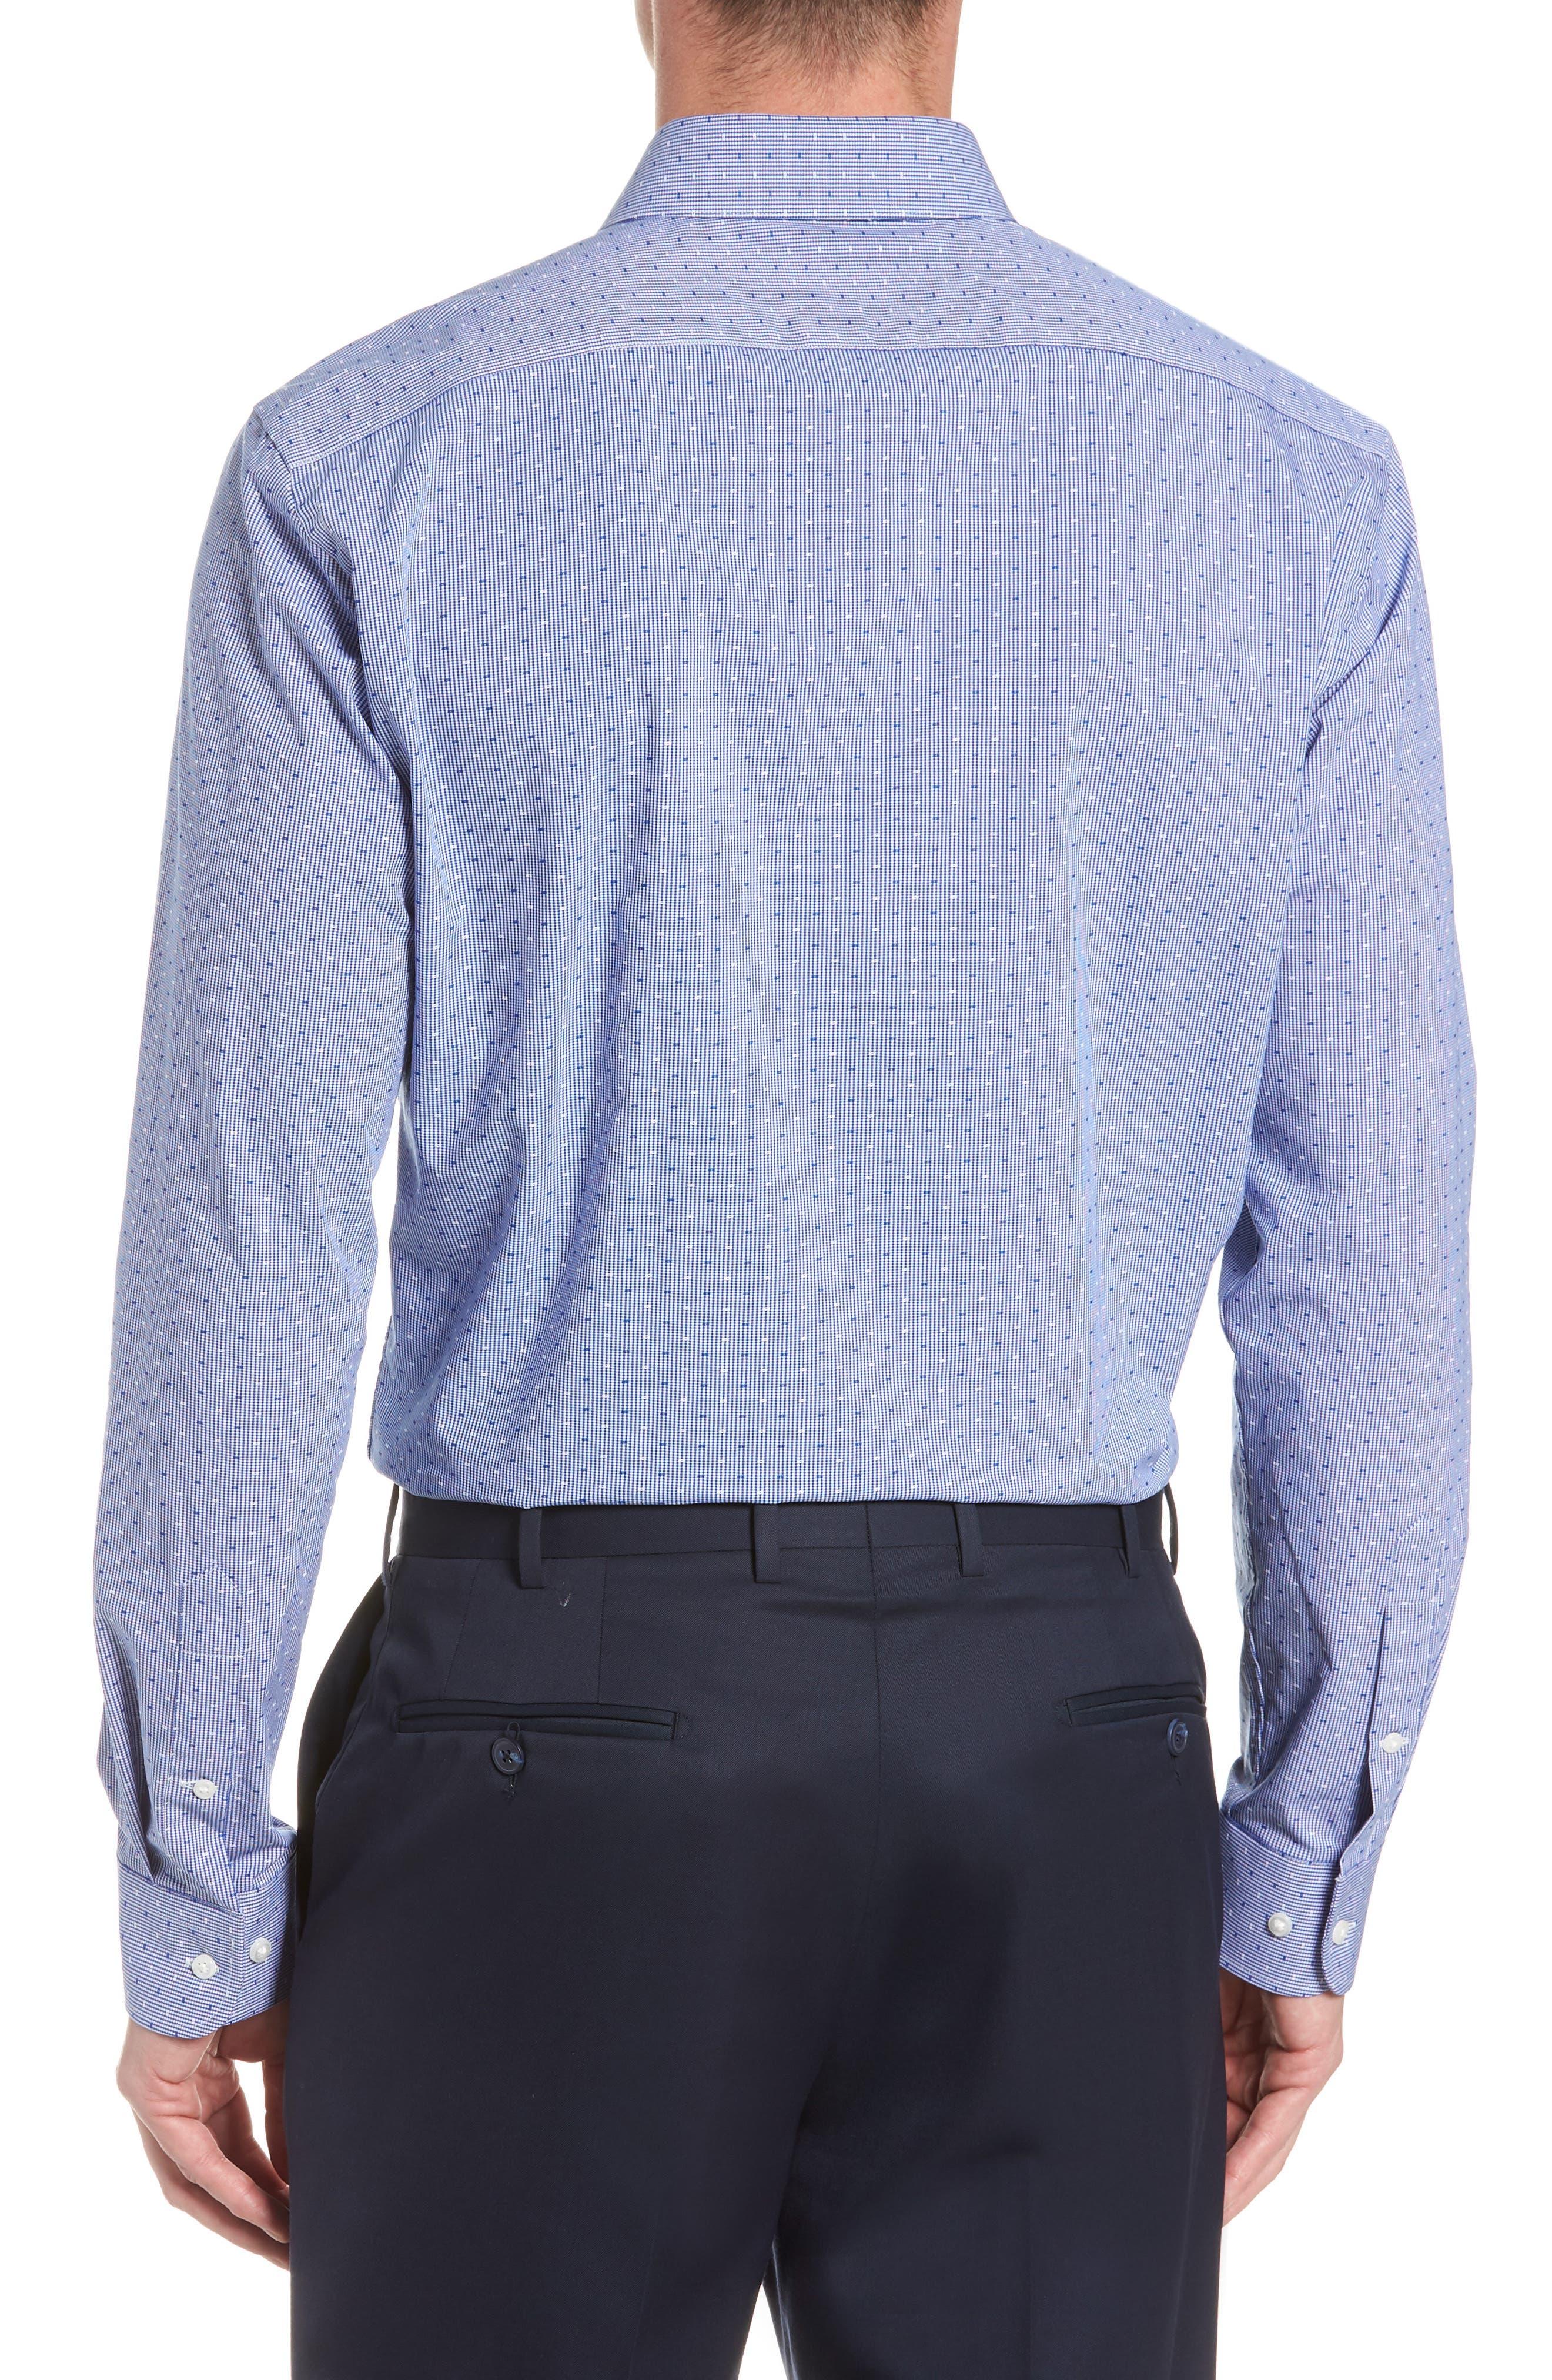 Tech-Smart Trim Fit Check Dress Shirt,                             Alternate thumbnail 3, color,